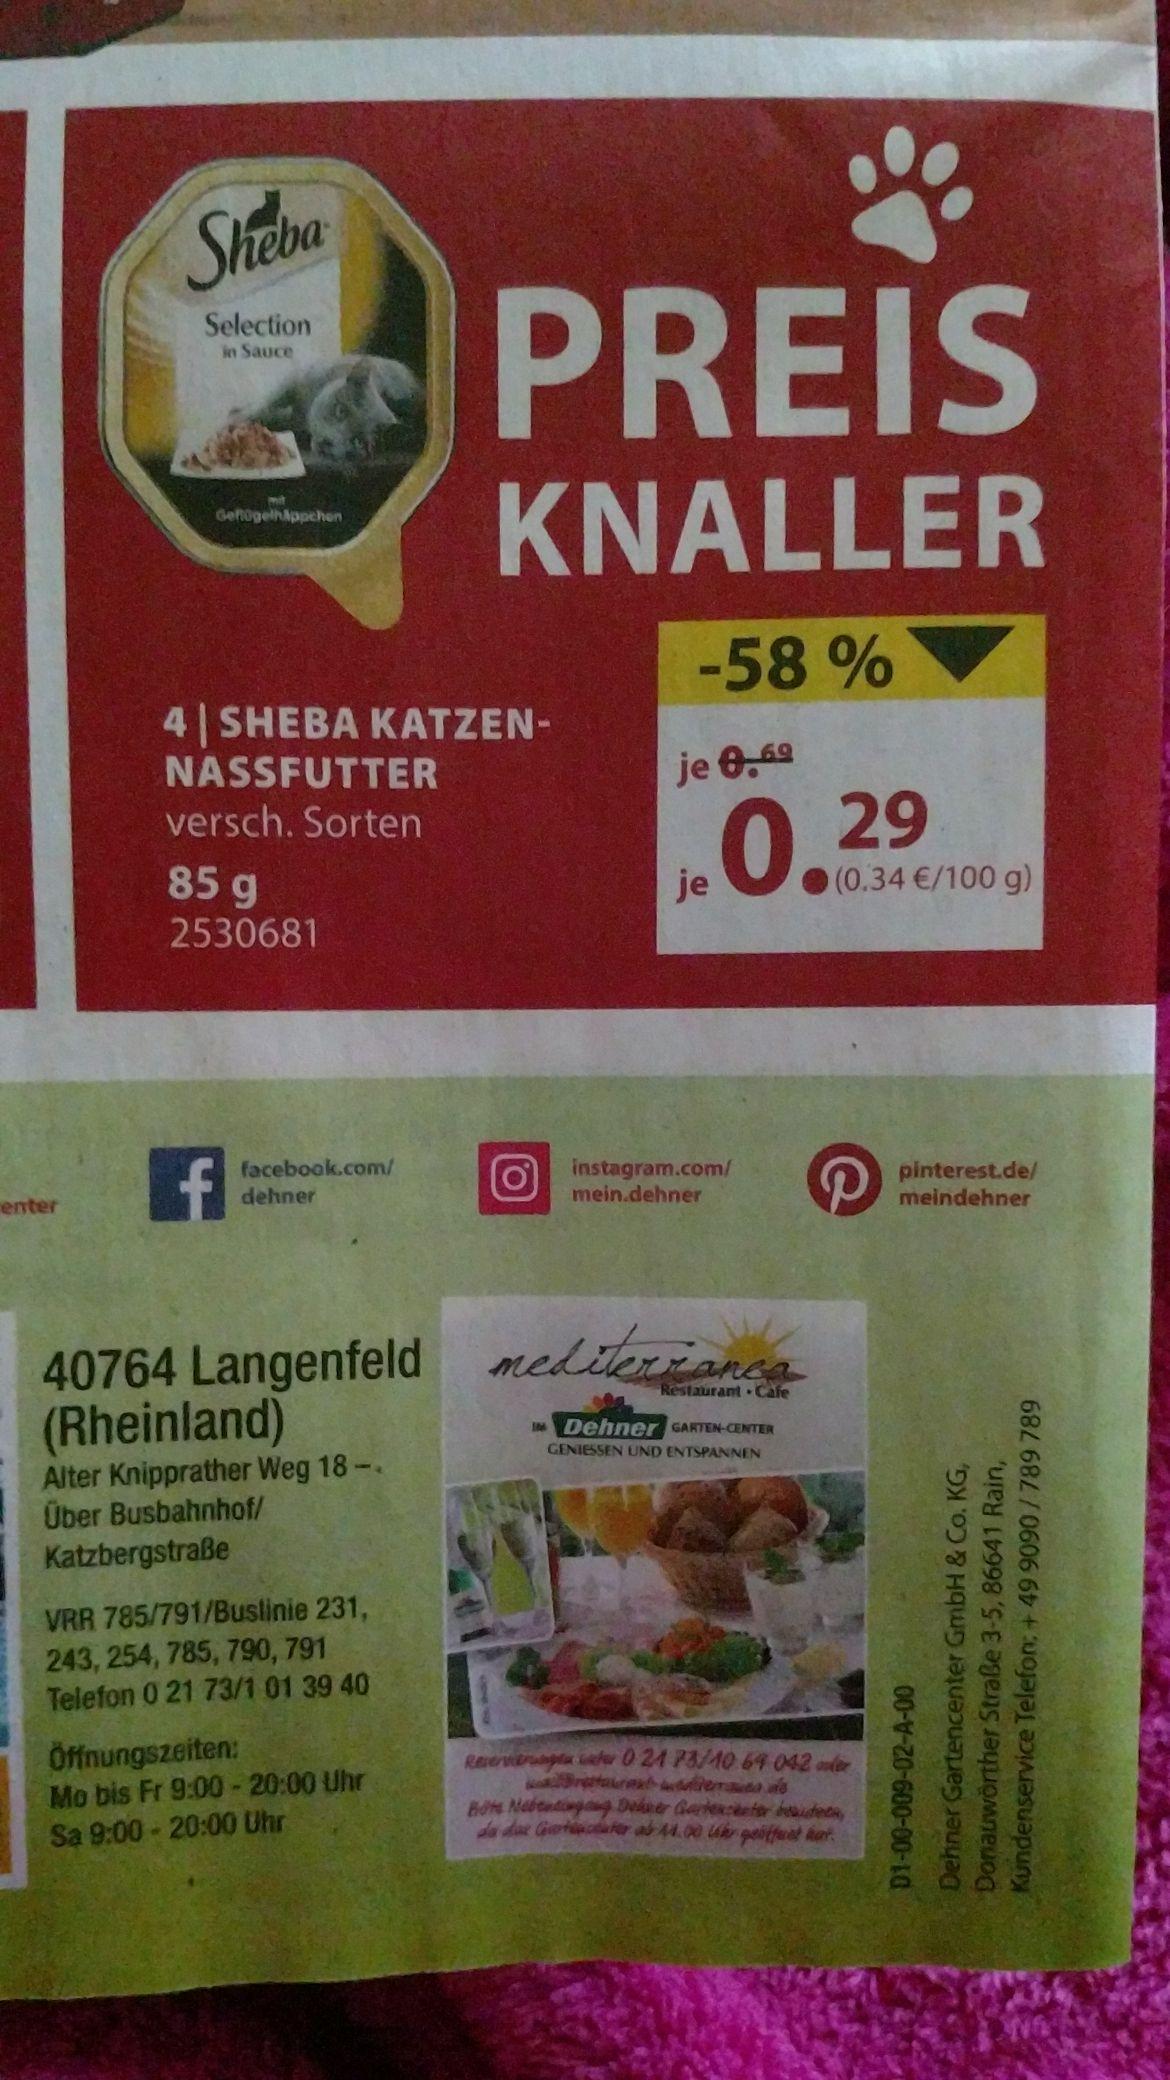 Lokal Langenfeld Sheba 0,29 € /85g Nassfutter Dehner Garten und Zoo